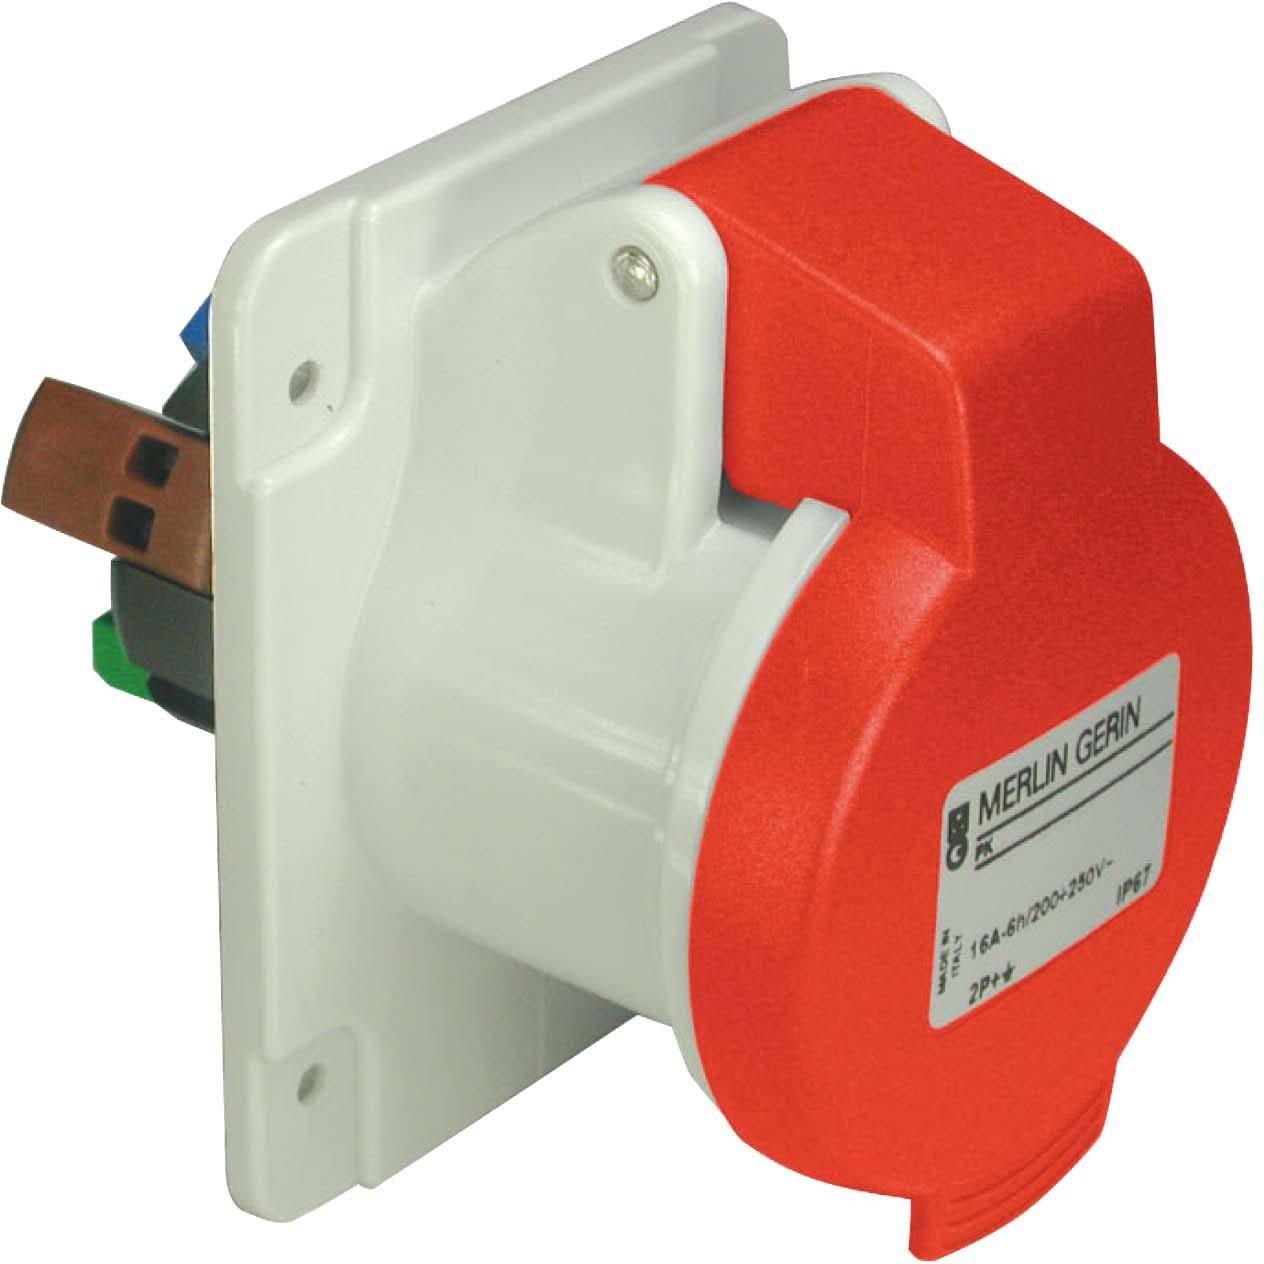 Schneider electric pky32g435 Papillote prises de la base de poche droite, 3p + n + t pô les, IP44, 32 A, 50/60 Hz, 380/415 V, rouge 3p + n + t pôles 32A 50/60Hz 380/415V